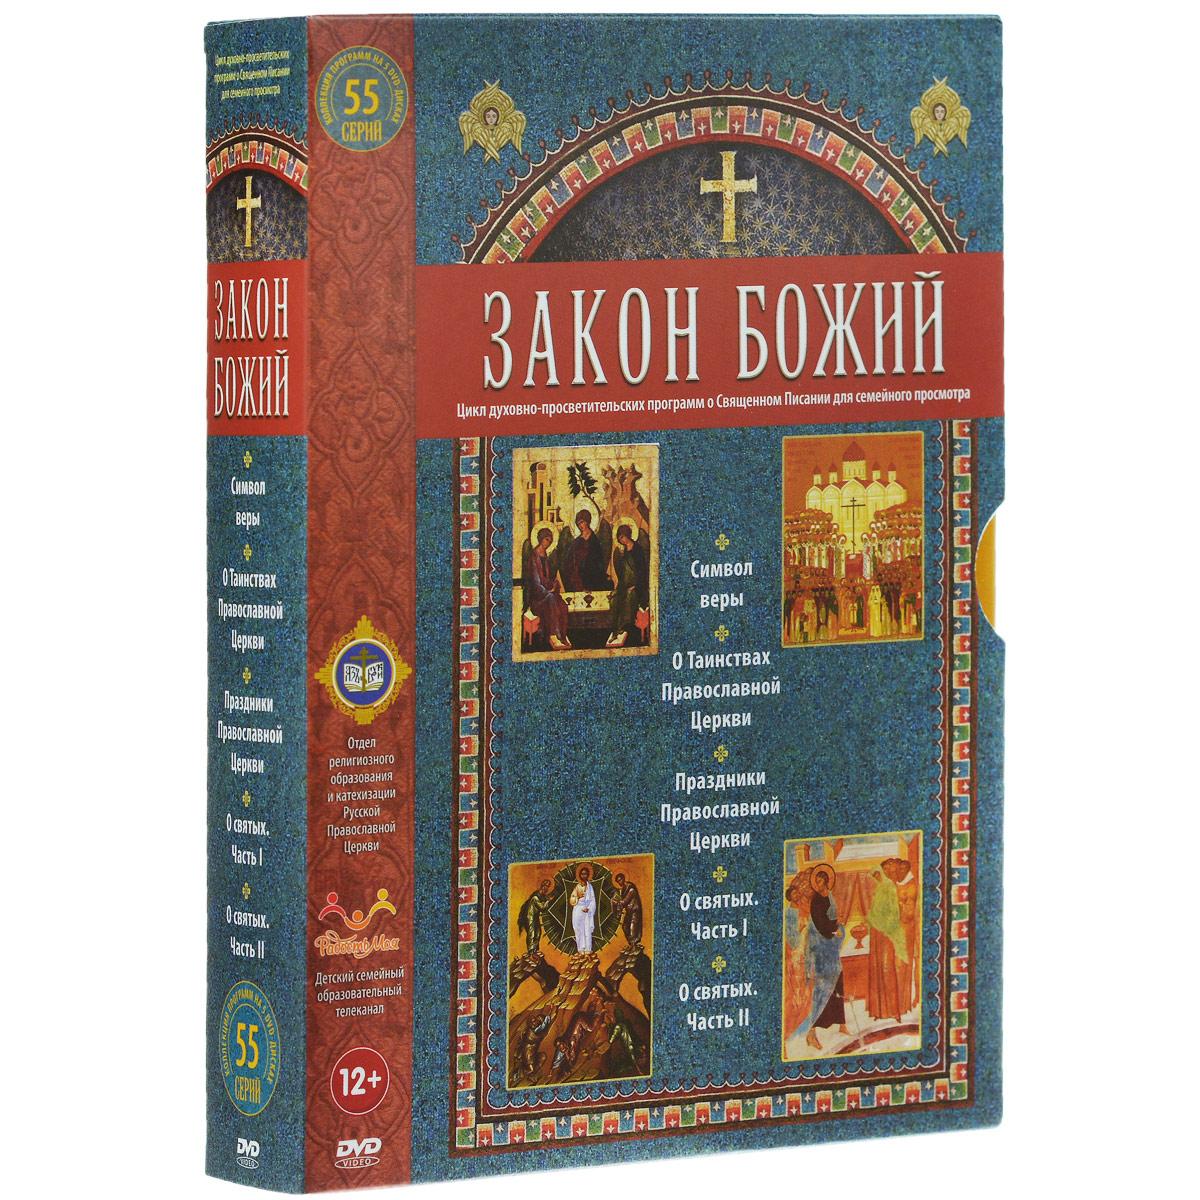 Цикл просветительских программ рассказывает об основах христианского вероучения, объясняет догматы и каноны Православия, дает ответы на многие вопросы.